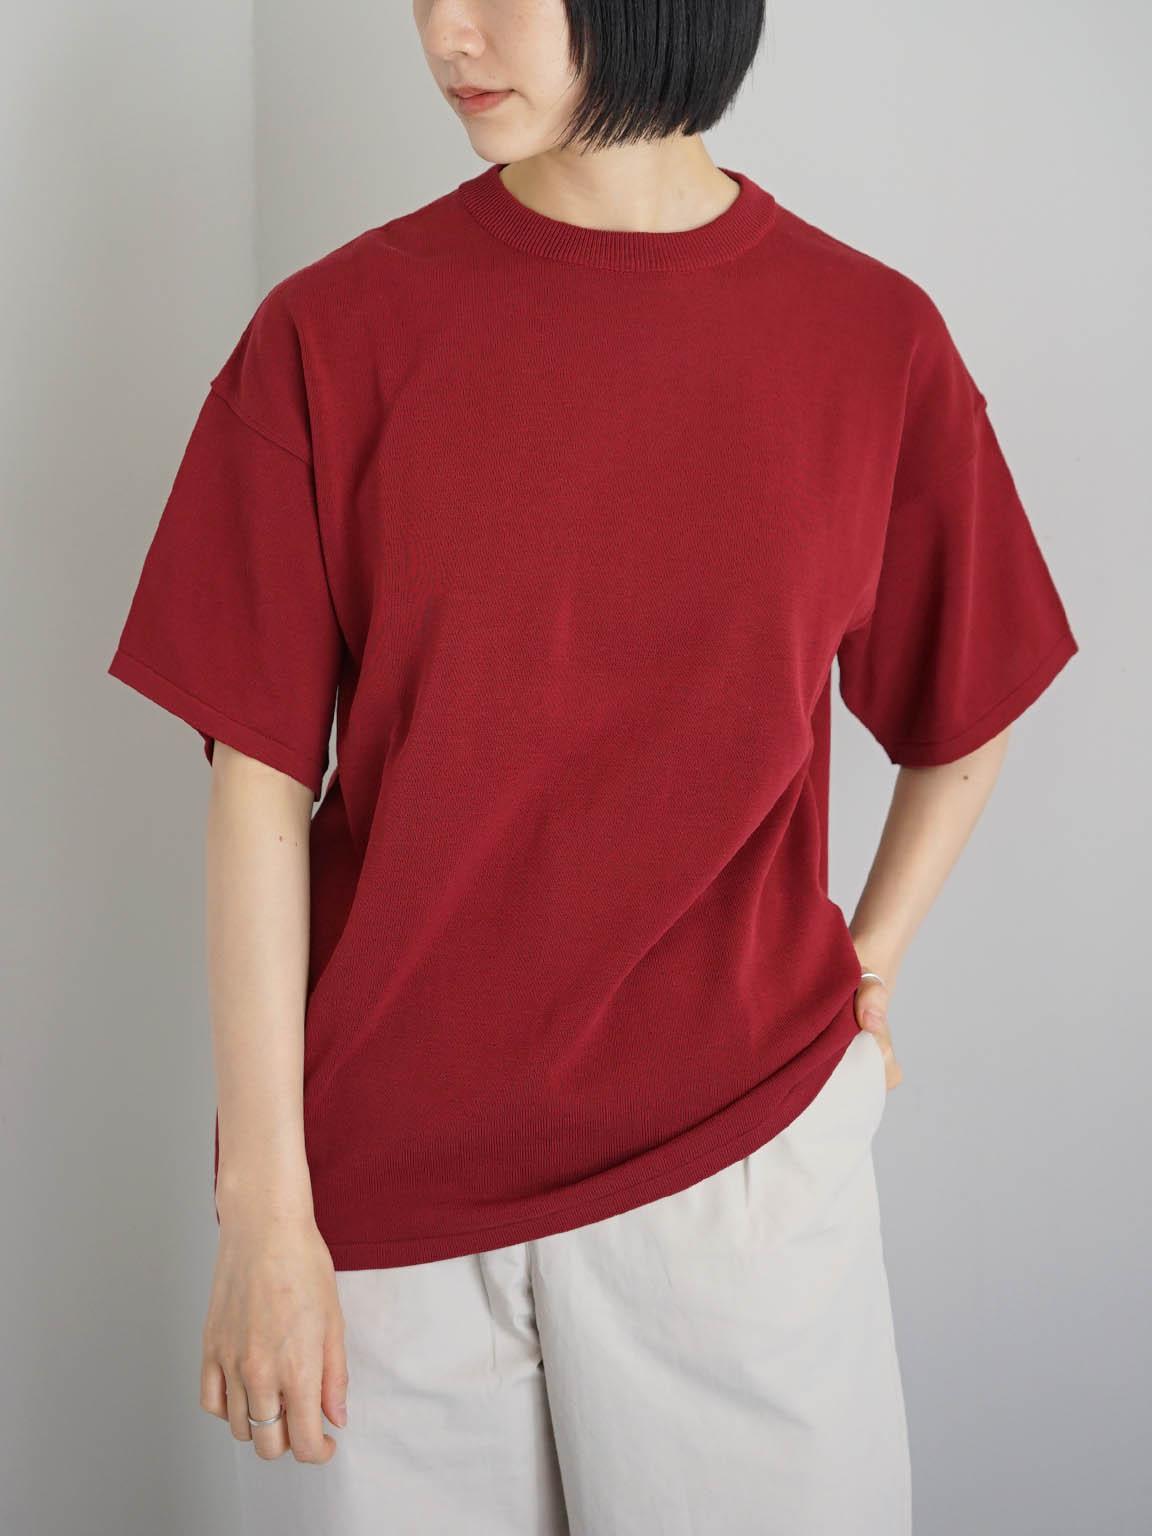 """TORICI / アイスビックTセーター(ユニセックス) """"RED steef別注"""""""